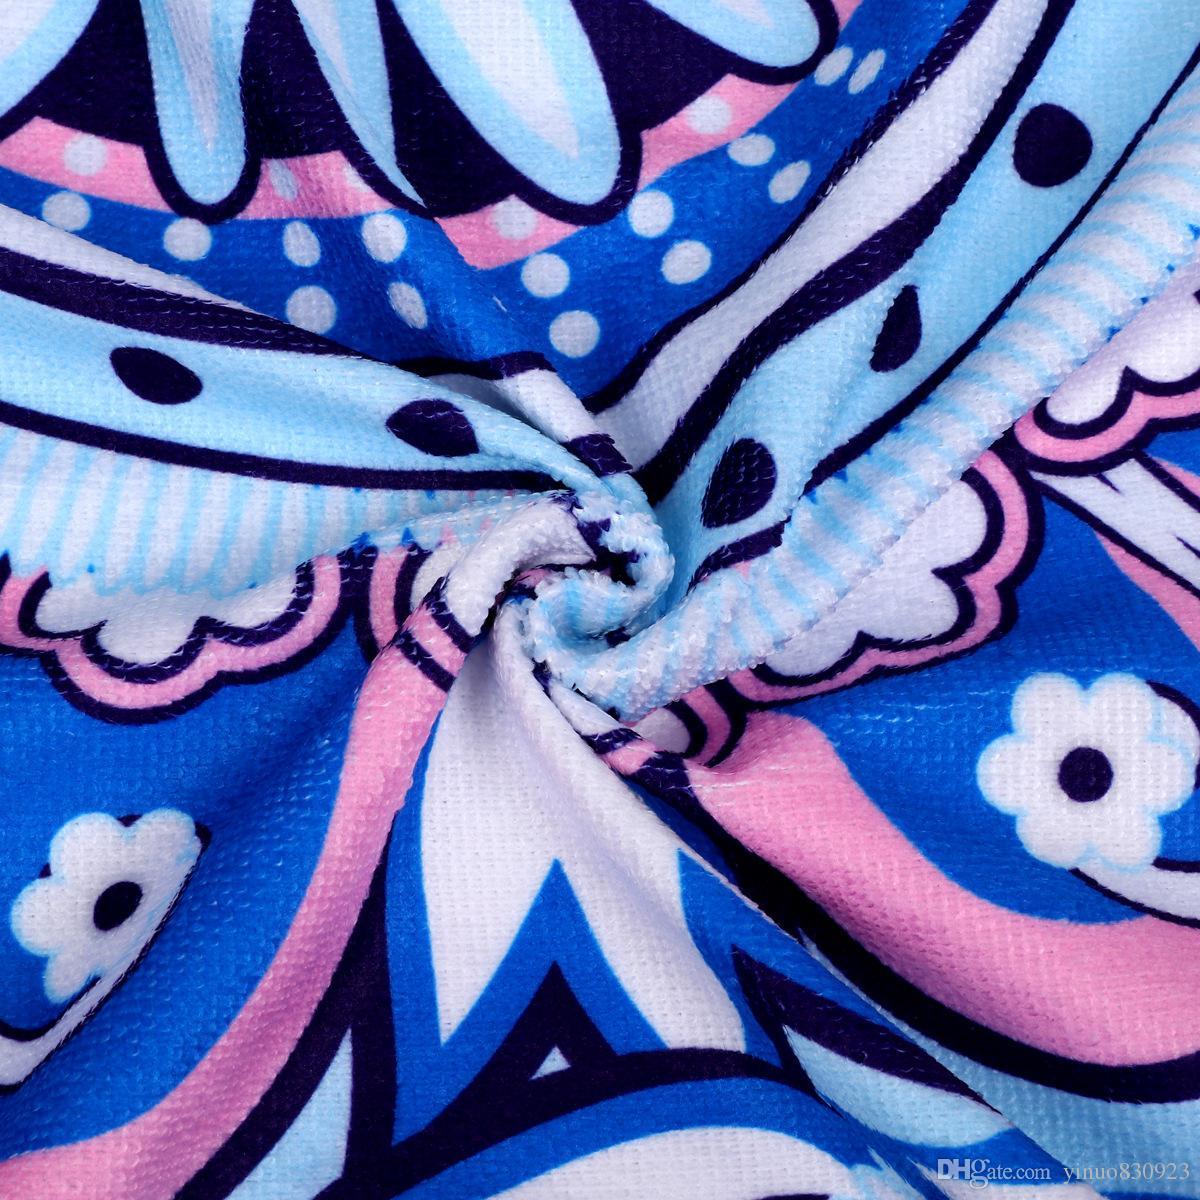 Оптовая Flamingo Микрофибра Круглый Пляжное Полотенце Мандала Большие Пляжные Полотенца Одеяло Пикник Коврик Для Йоги Boho Скатерть Диаметр 150 см